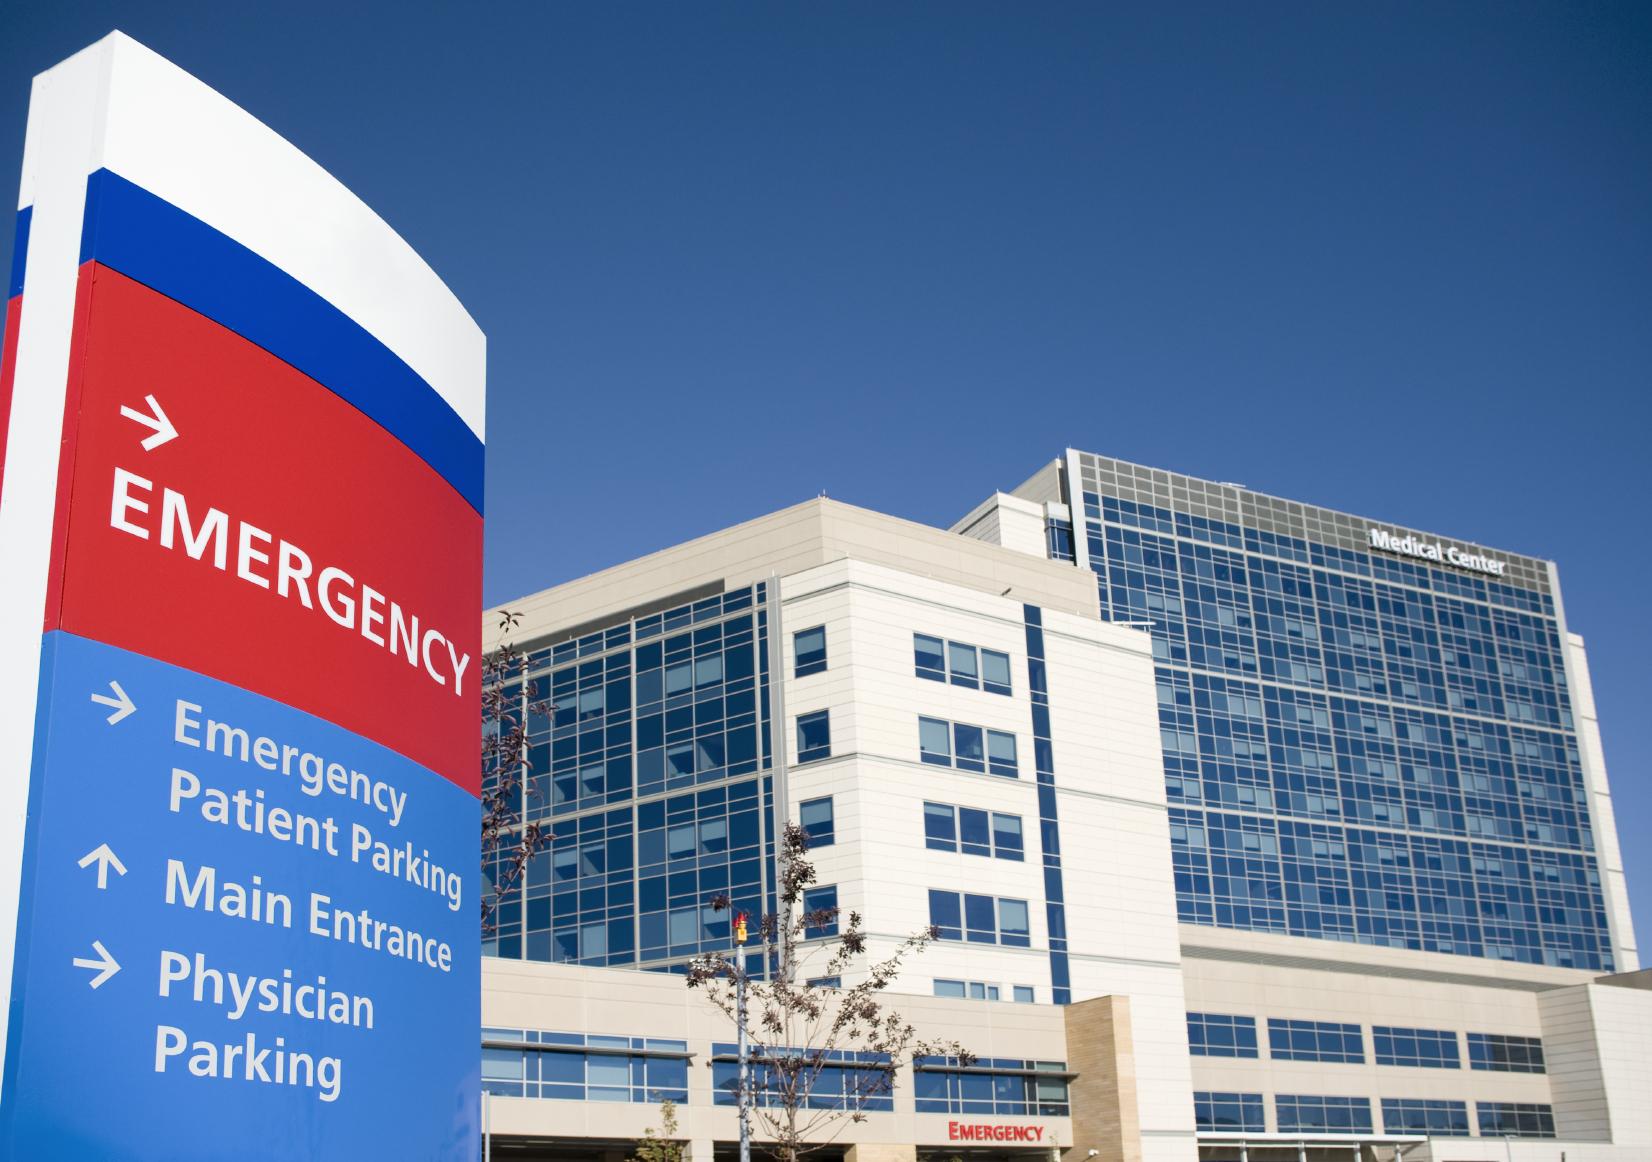 Hospitals & Medical Clinics: